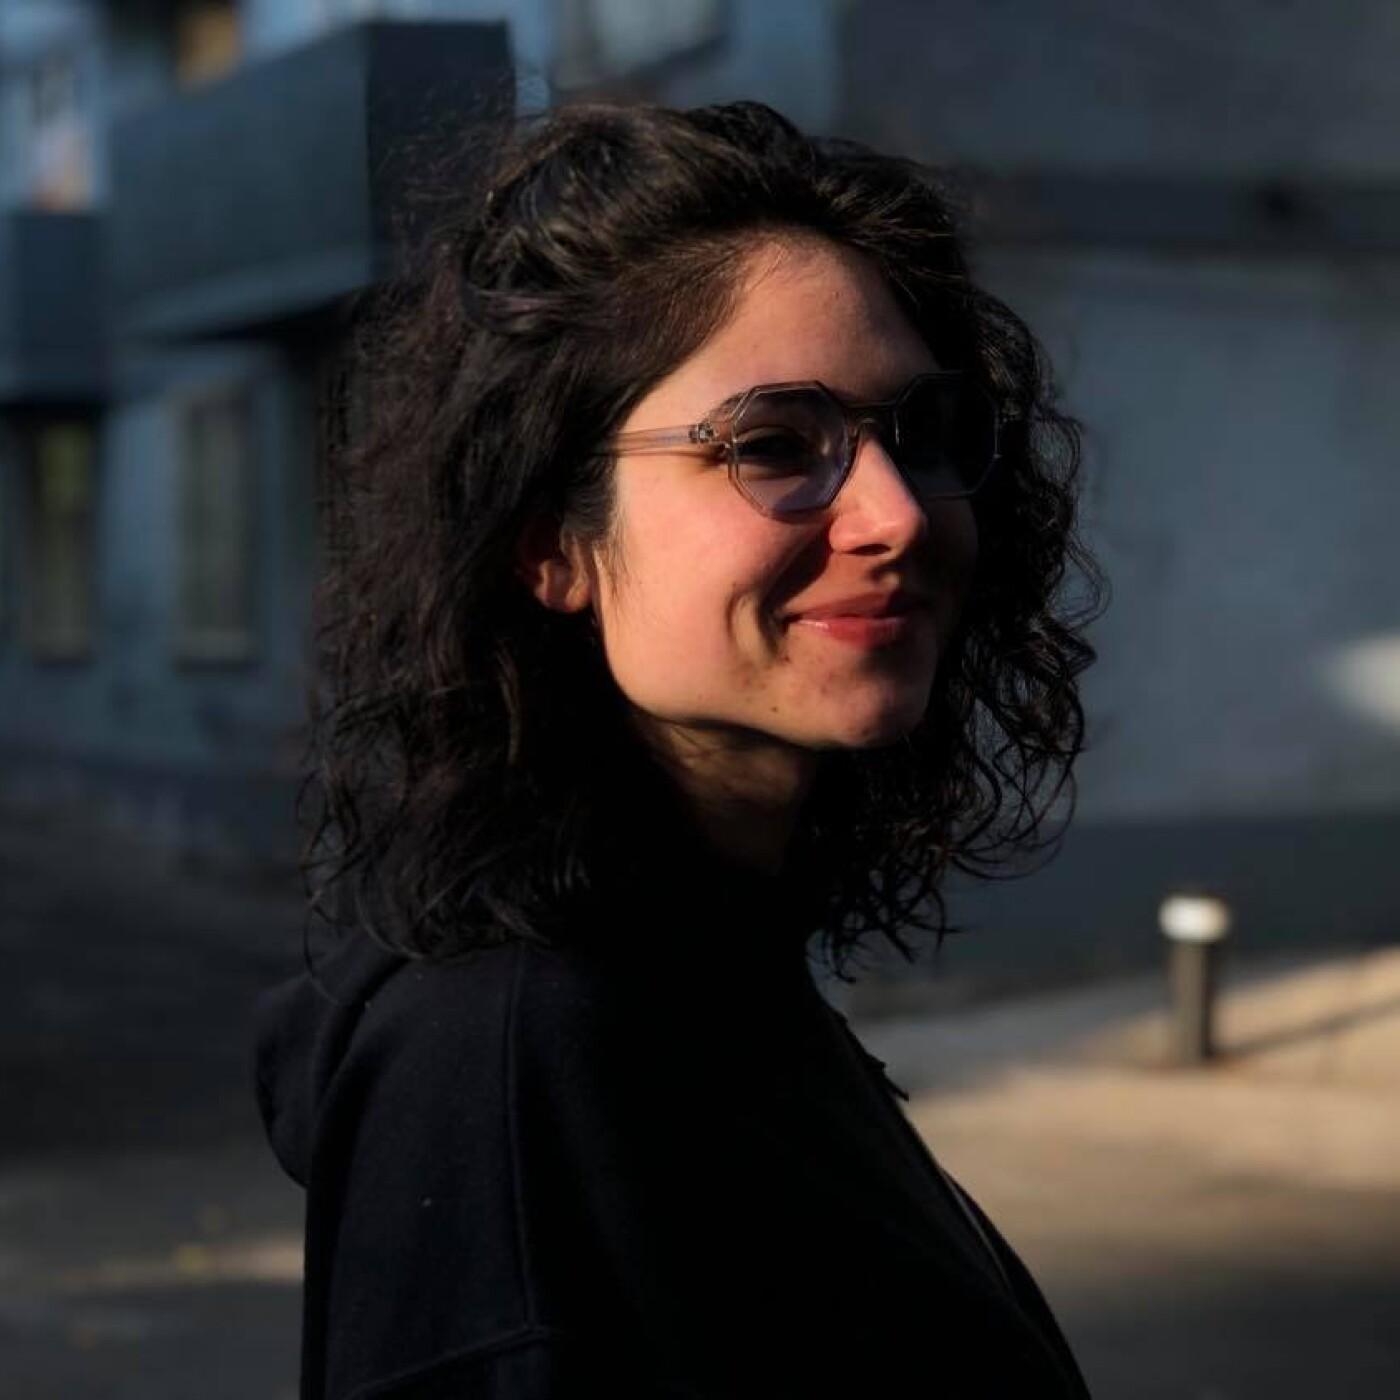 #23 Mexique, Léa se prépare à s'y expatrier